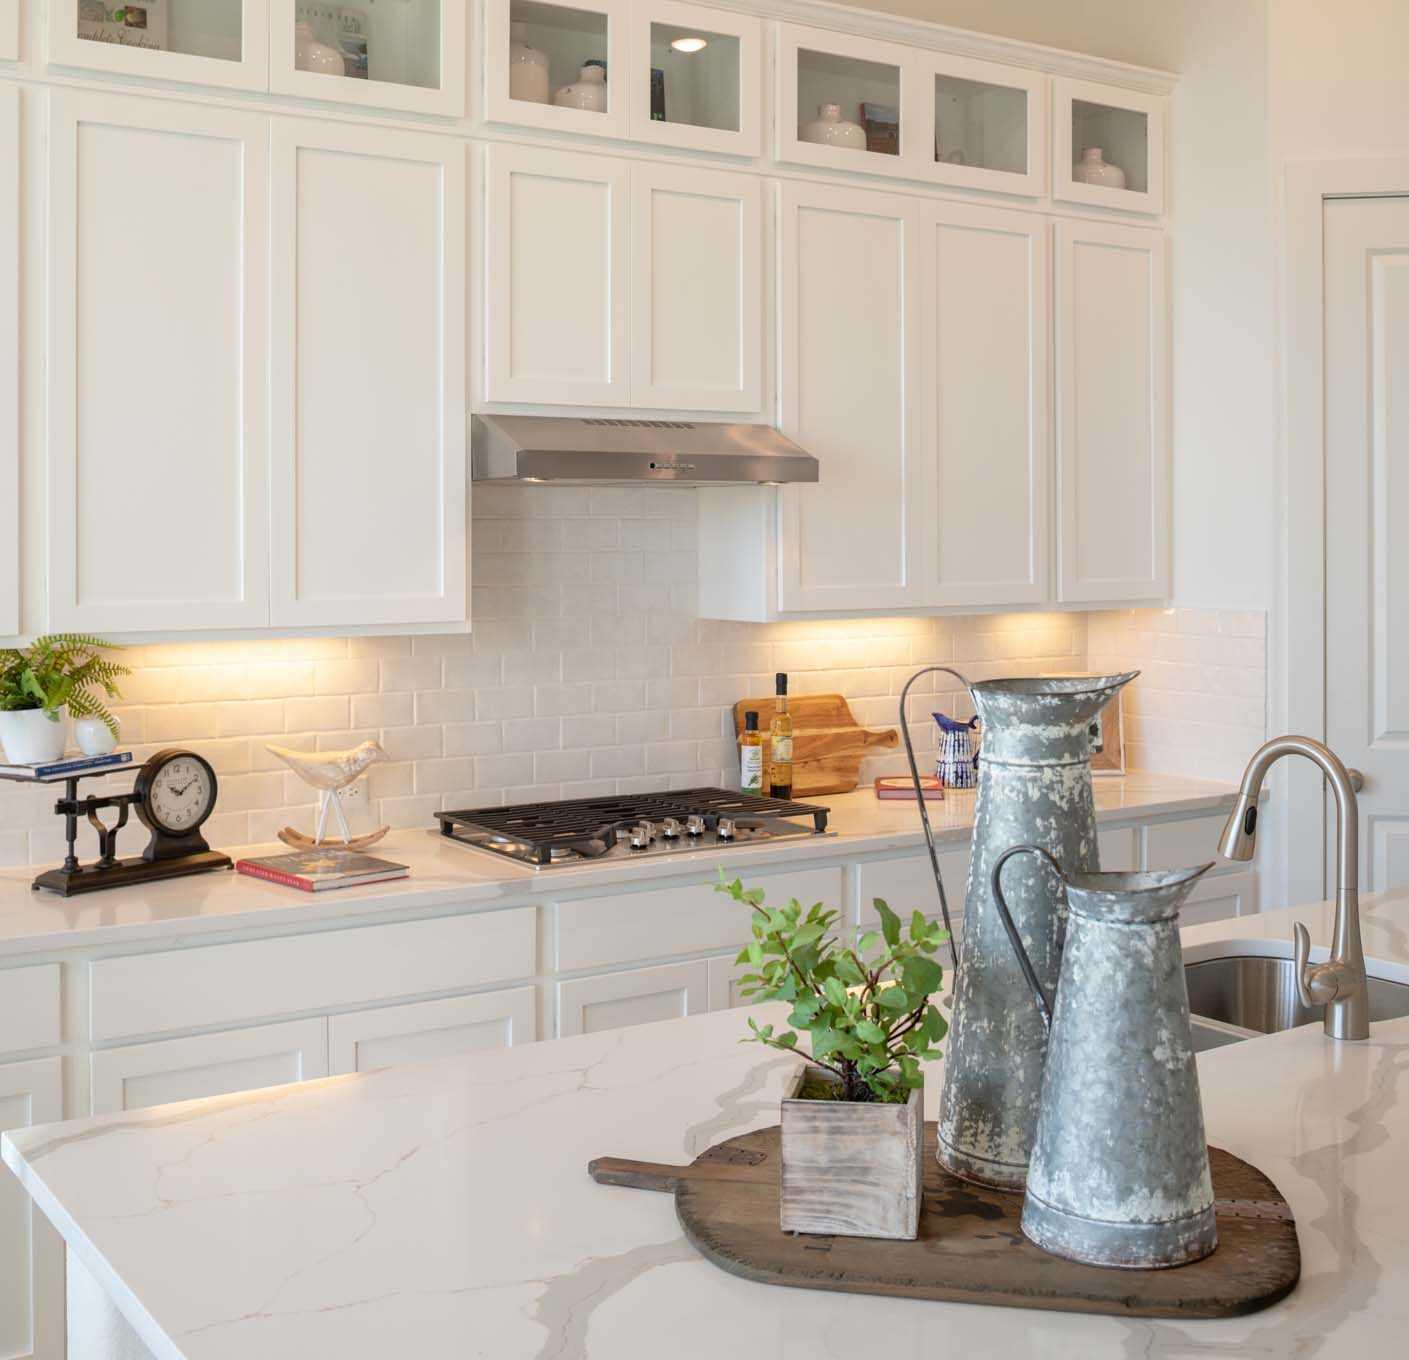 Model Home In San Antonio Texas Coronado Community: Home Builder In San Marcos TX